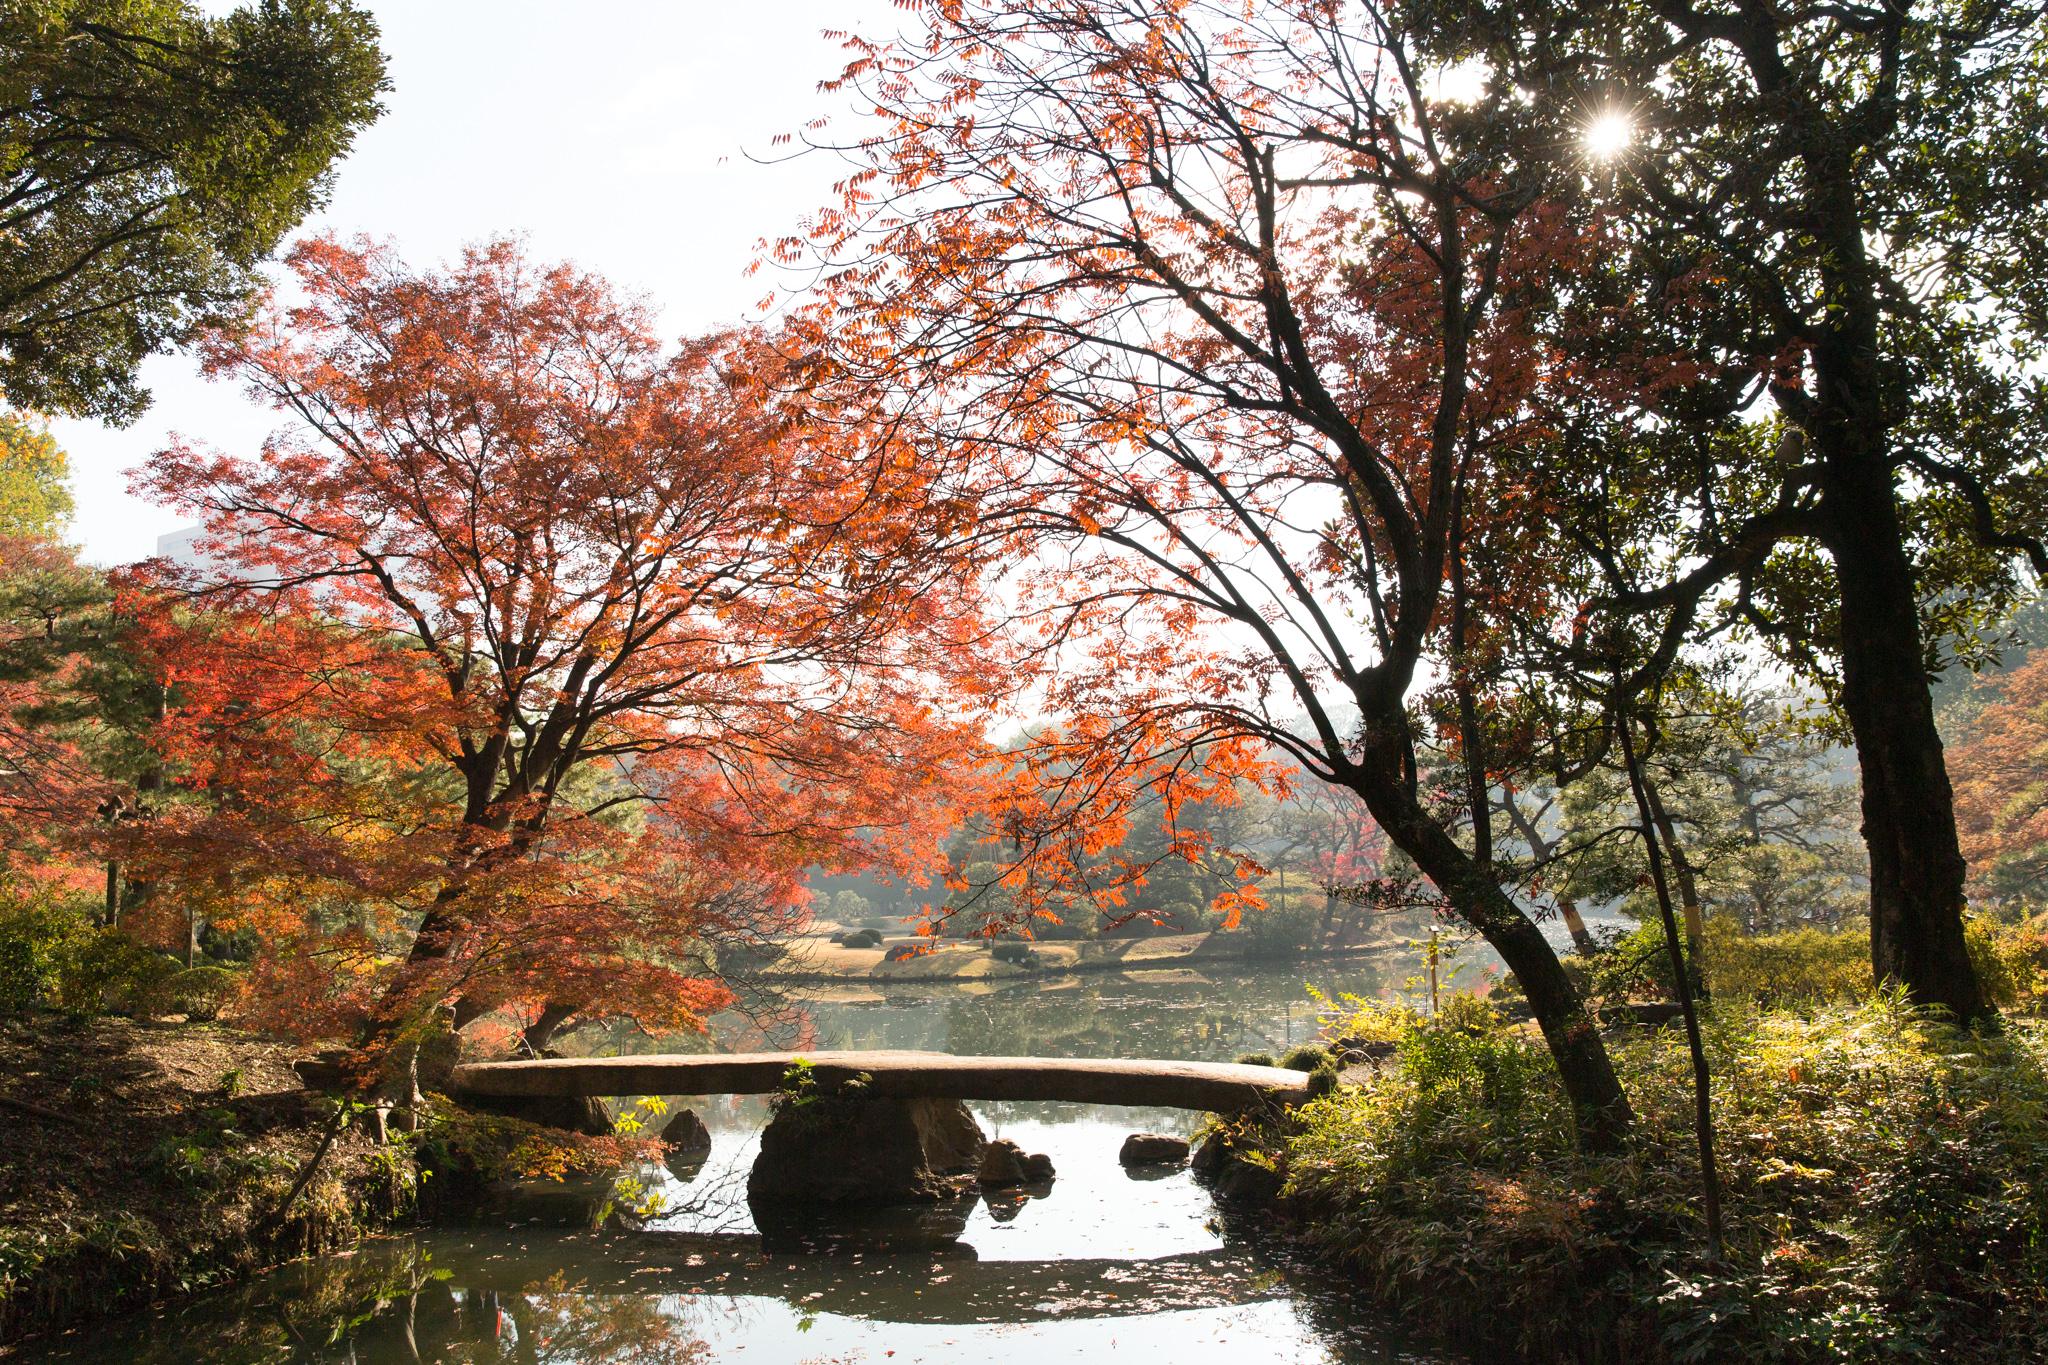 6071-japan-nature-beautiful-trees.jpg